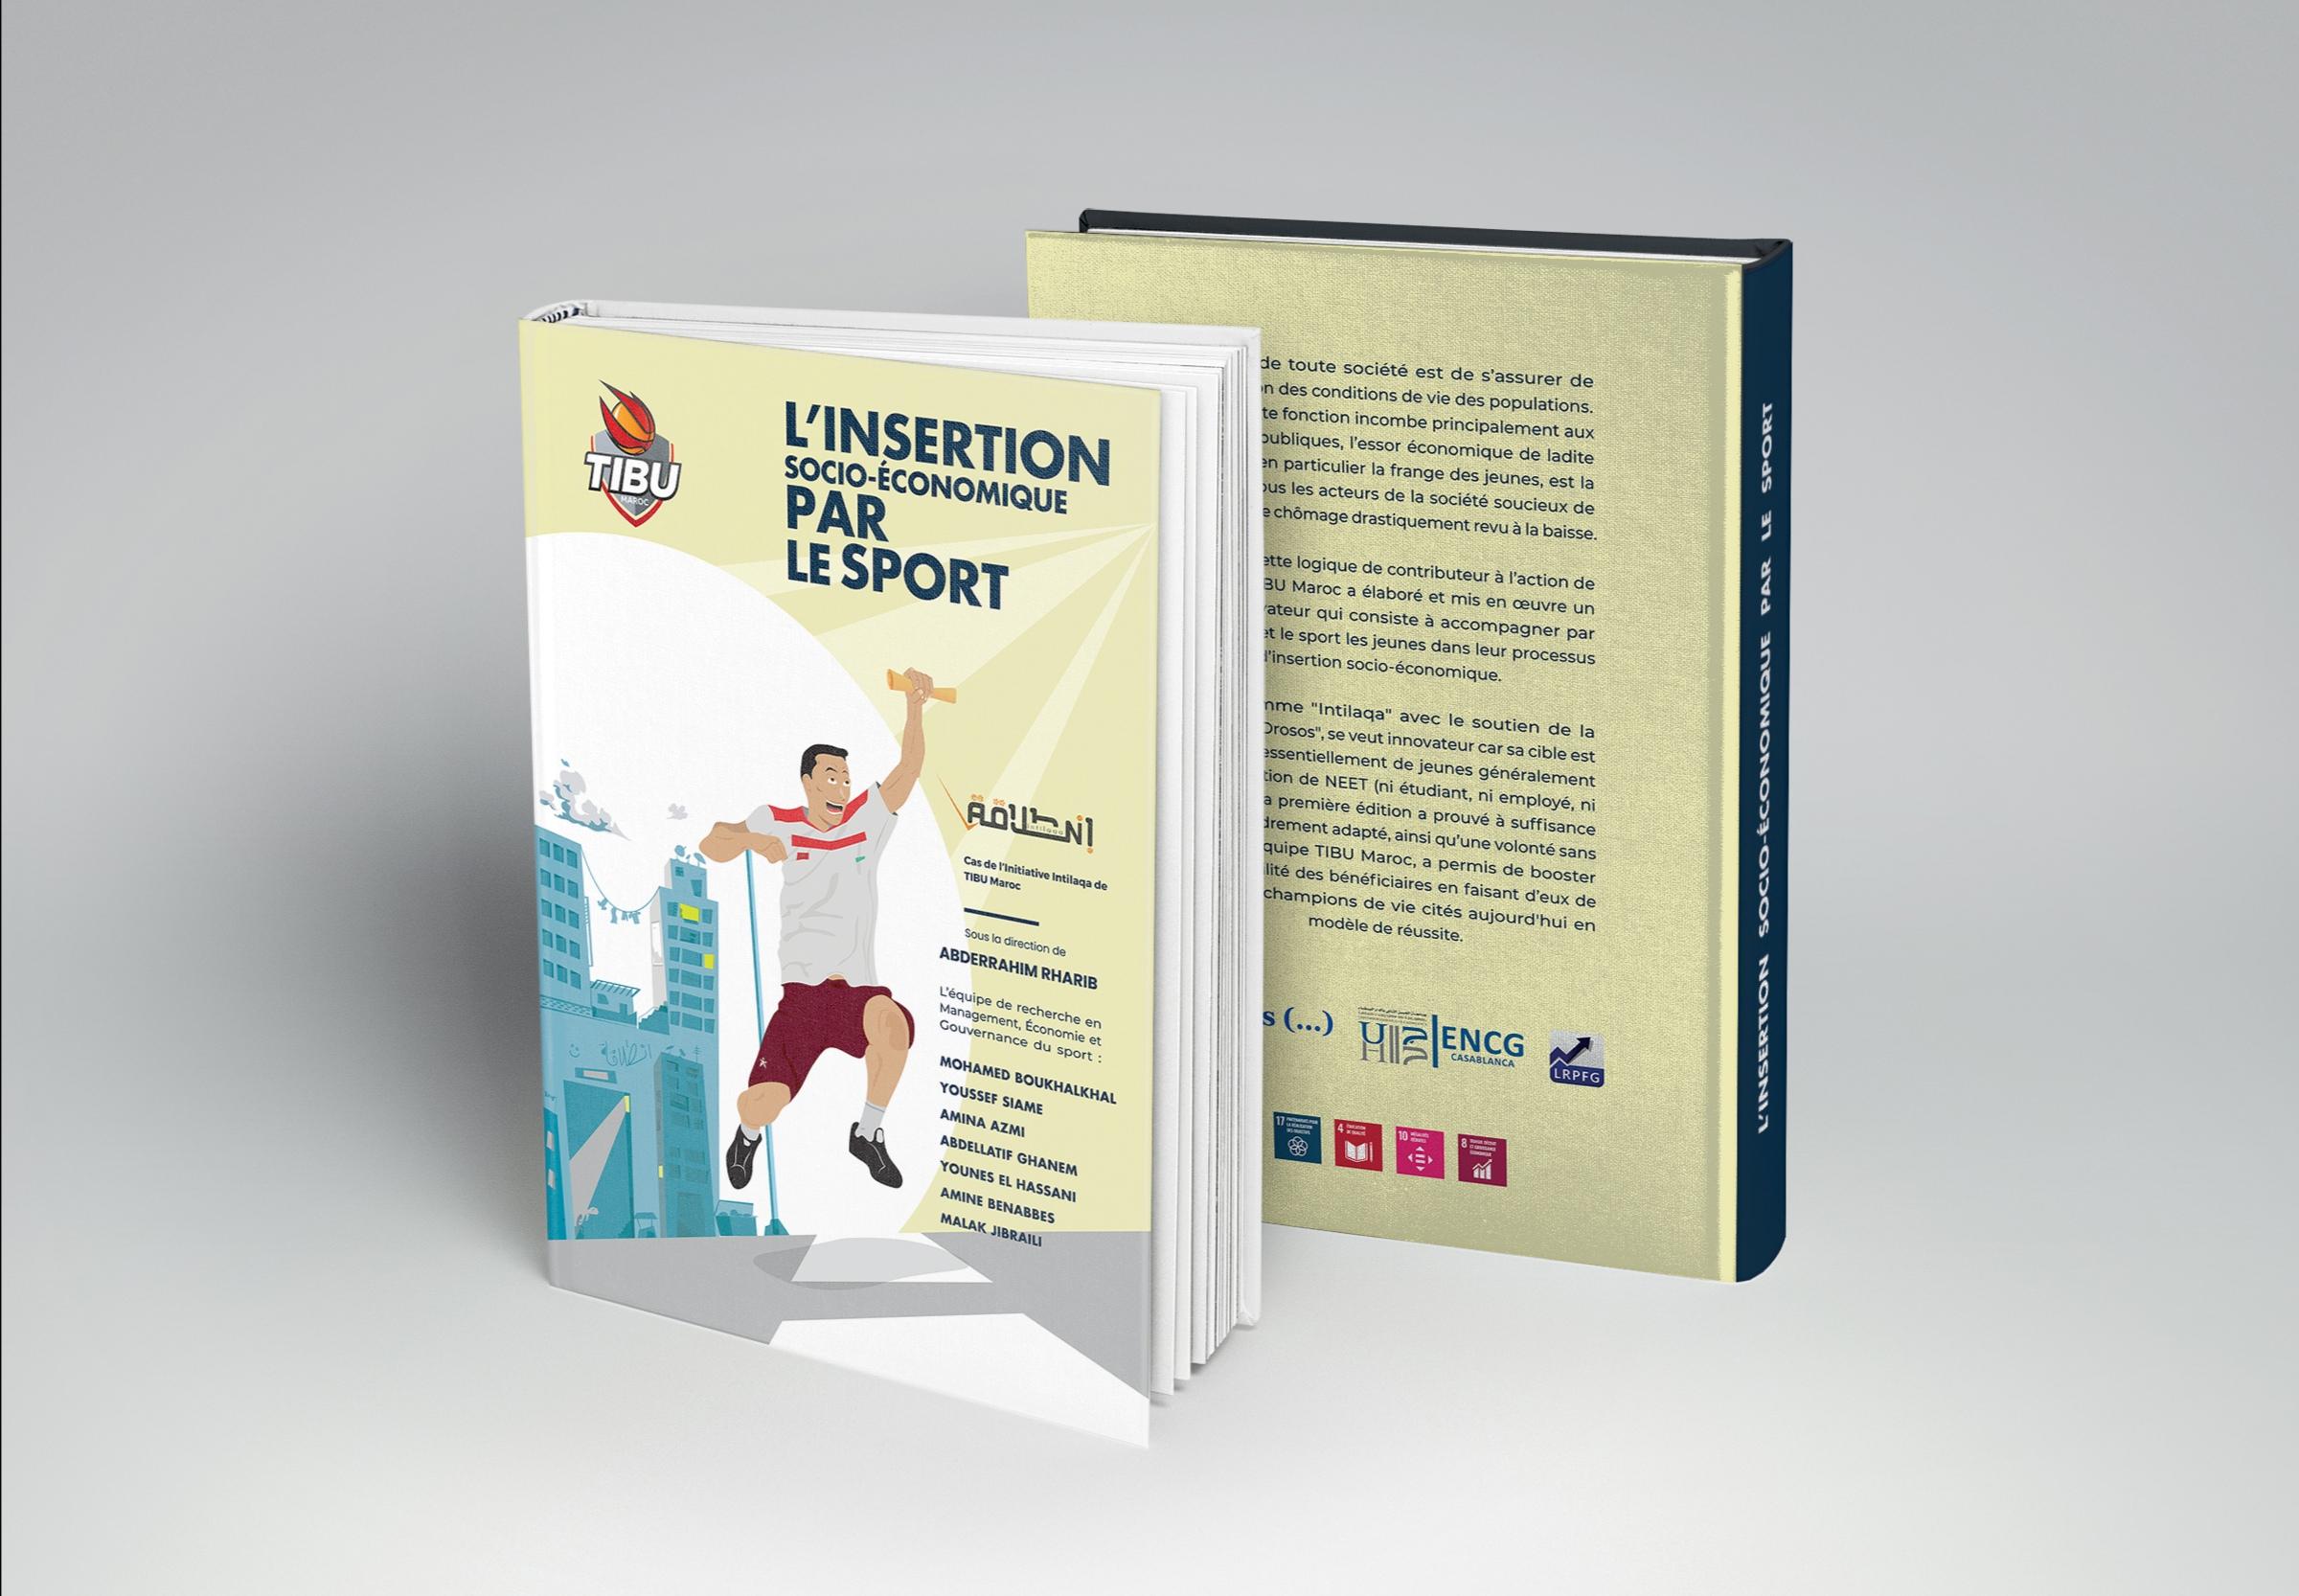 Publication : Insertion économique des jeunes par le sport